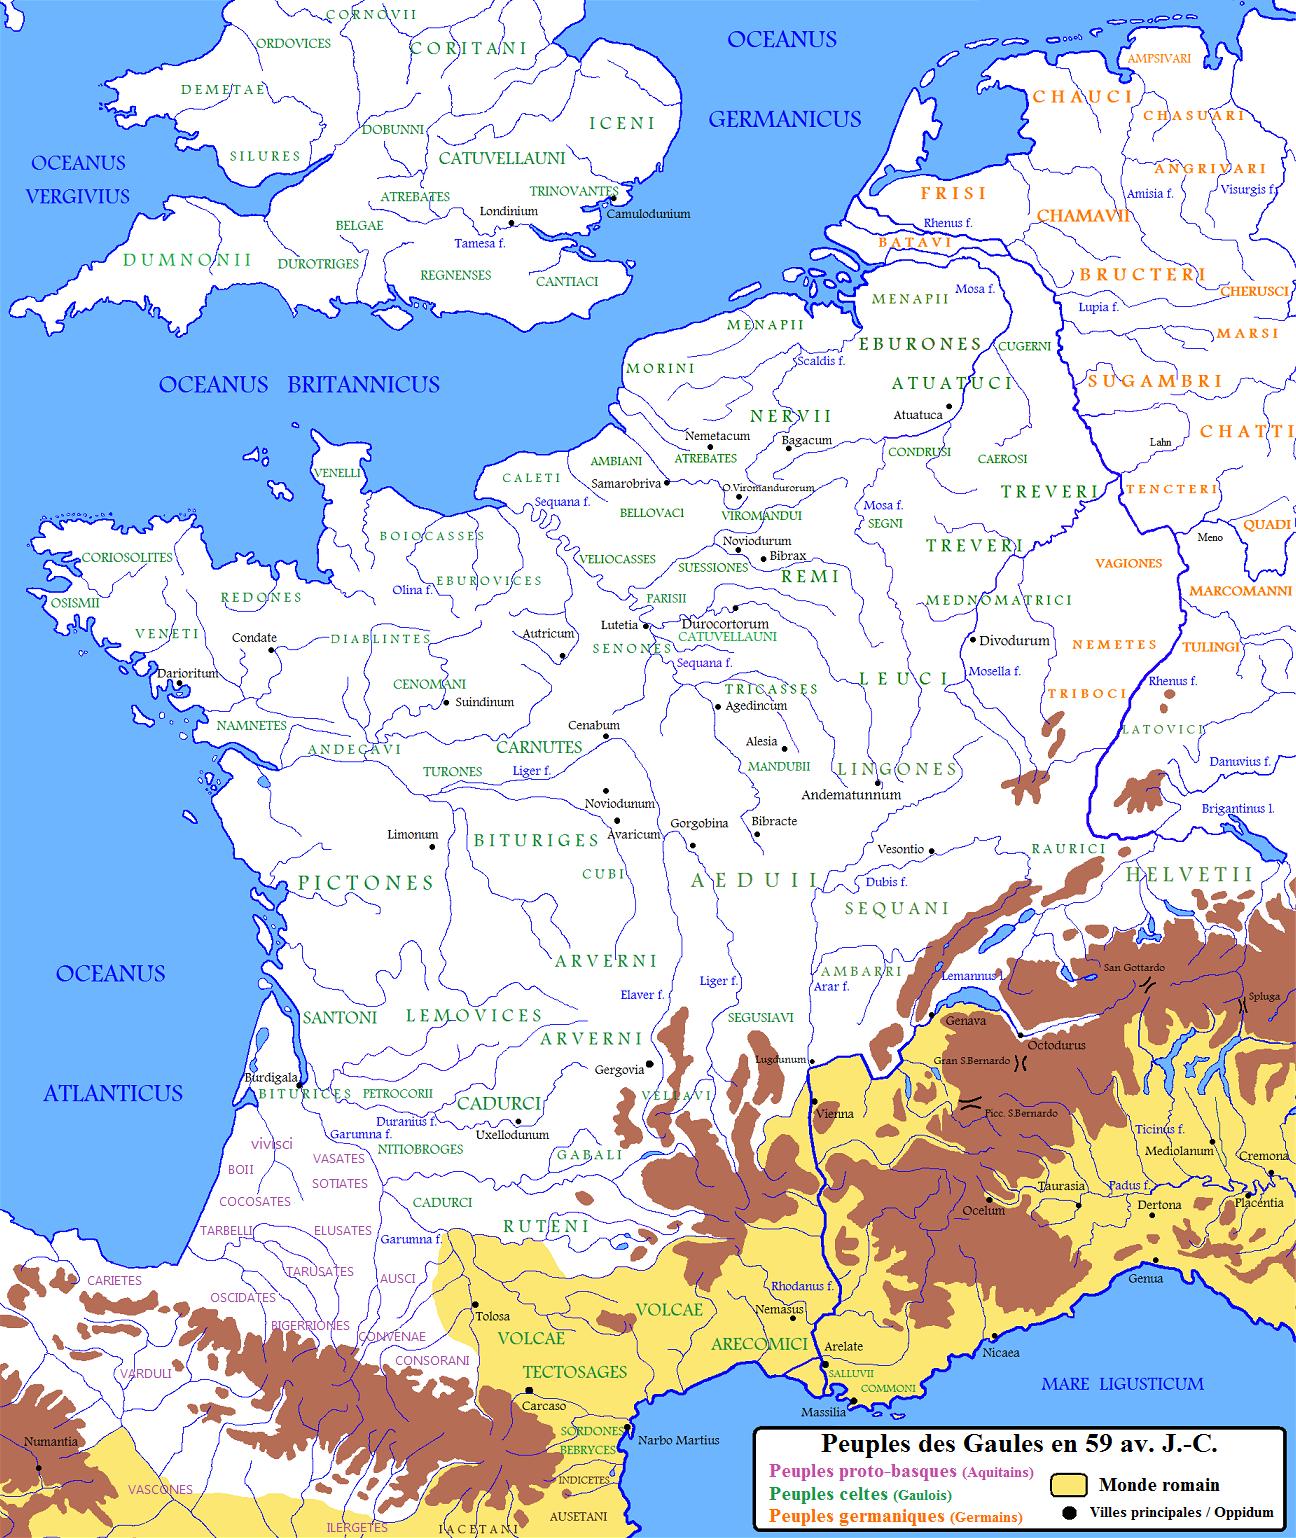 carte - peuples de Gaules en 59 avant JC